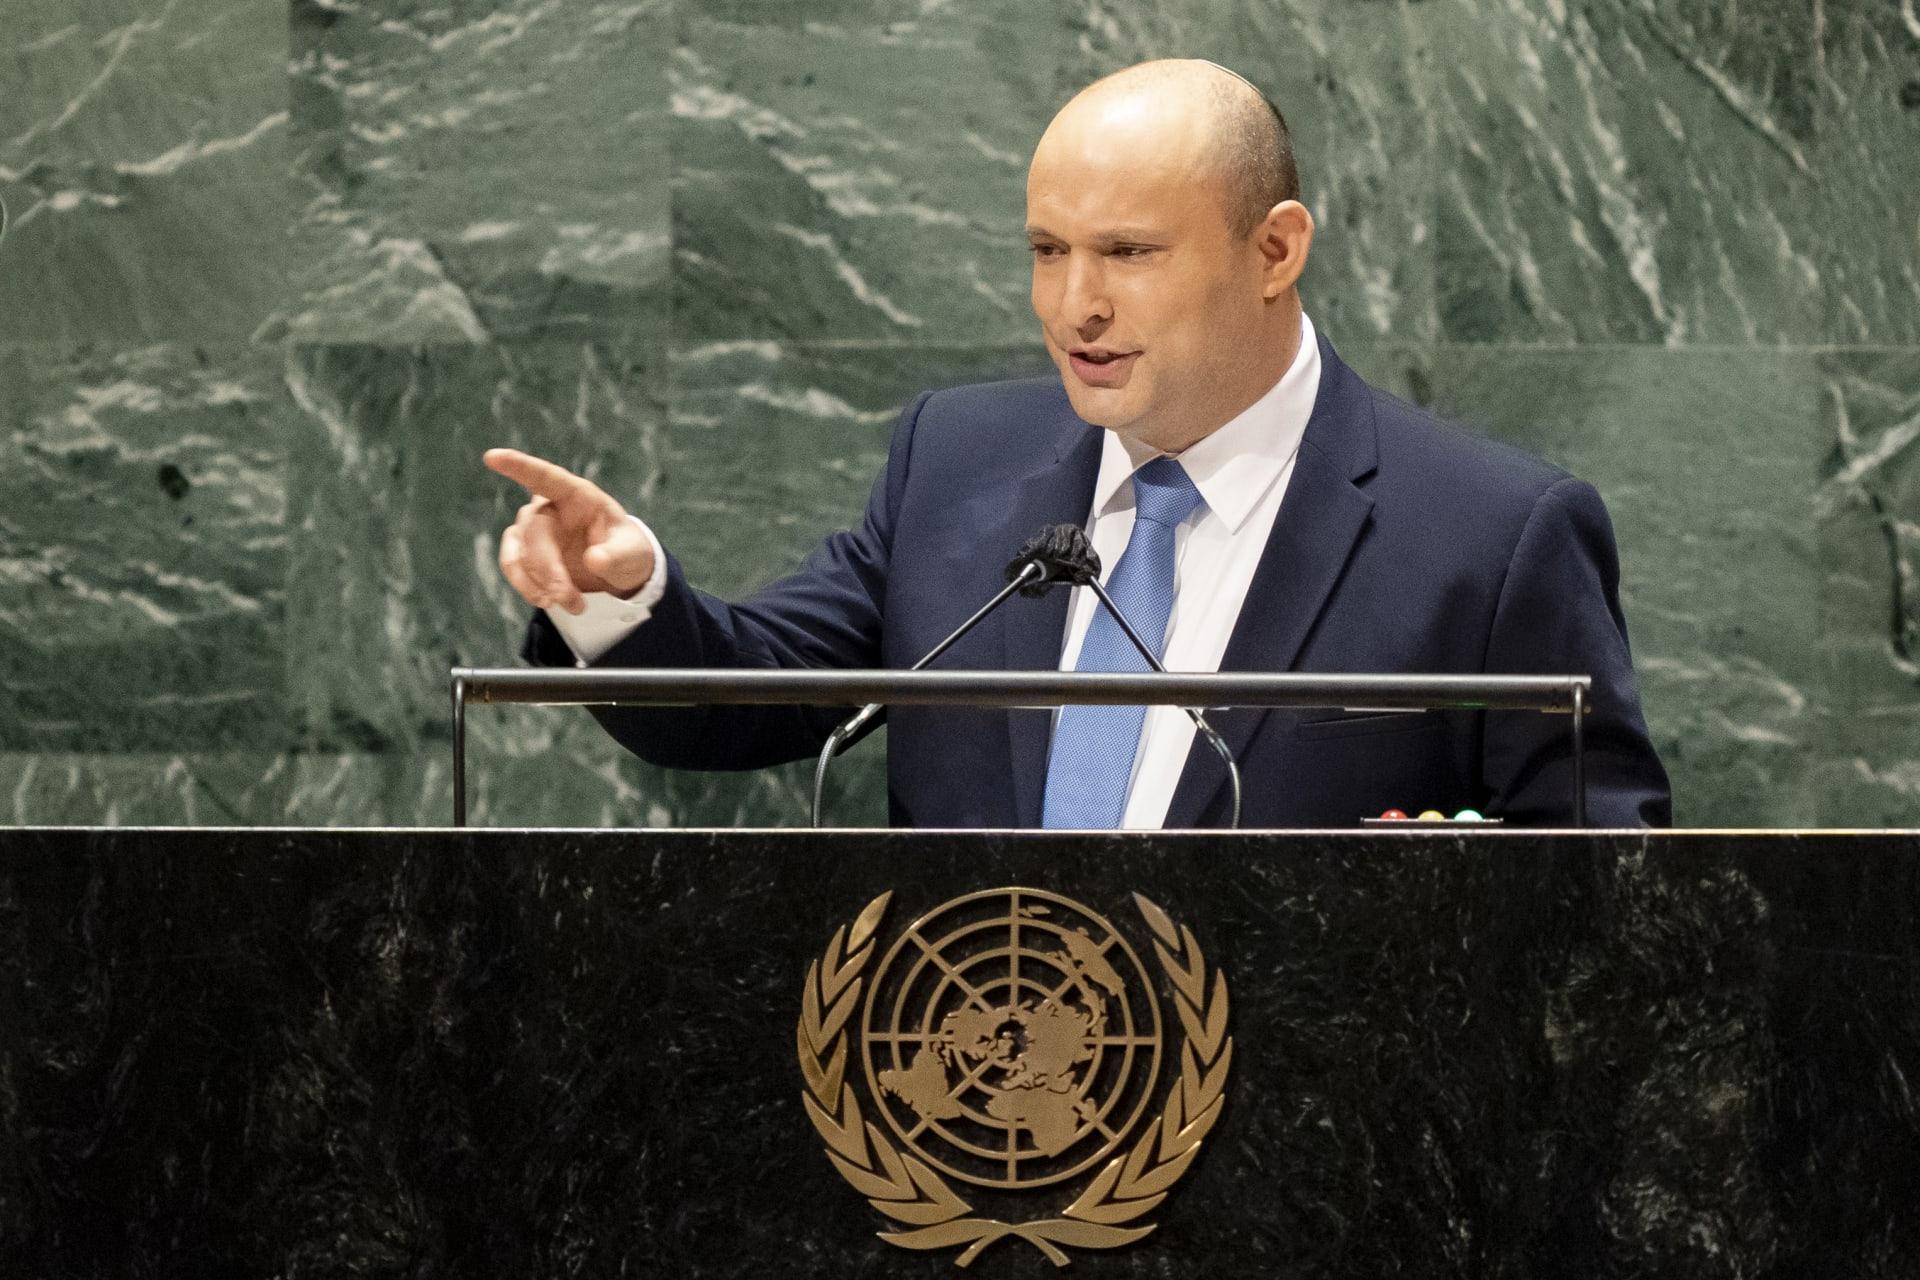 بينيت سجّل فشليْن في خطابه الأول أمام الأمم المتحدة